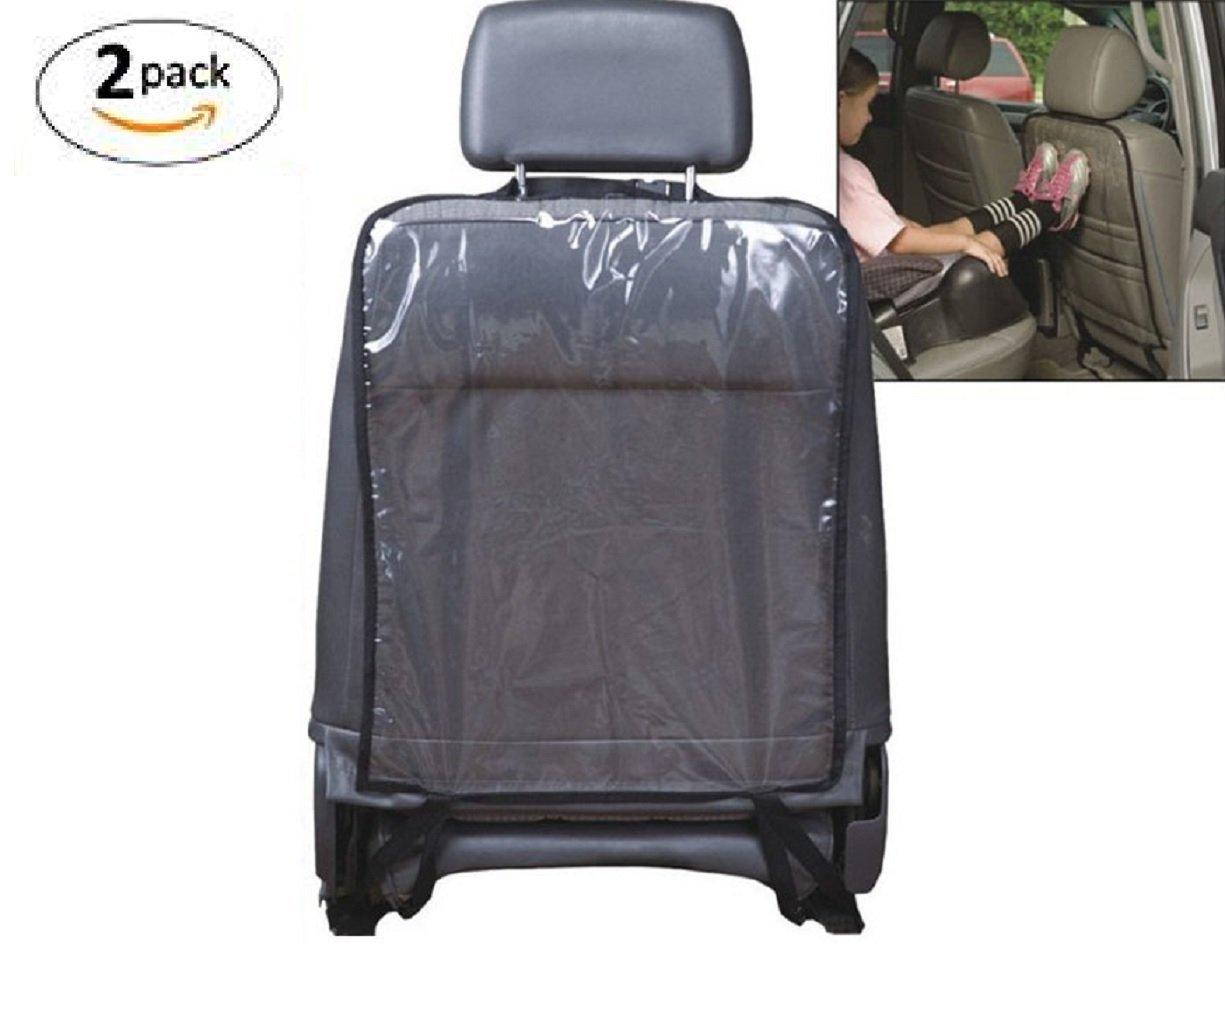 Tily universel clair transparent Coque de protection pour dossier de siège de voiture pour bébé enfant enfants Kick Mat Boue propre